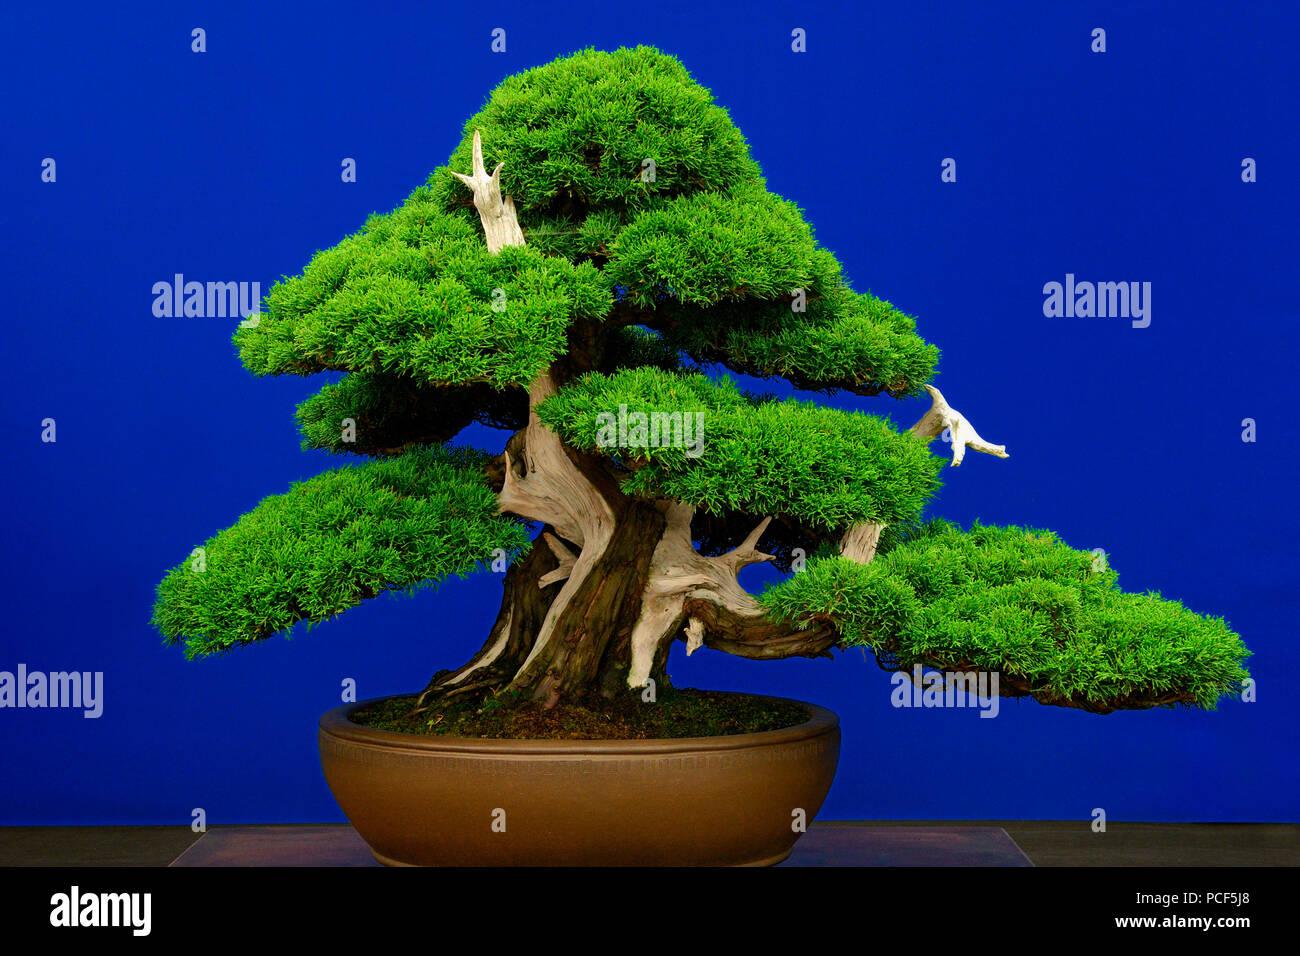 Bonsai Baum Chinesischer Wacholder Juniperus Chinensis Sorte Itoigawa Ca 1875 Stock Photo Alamy